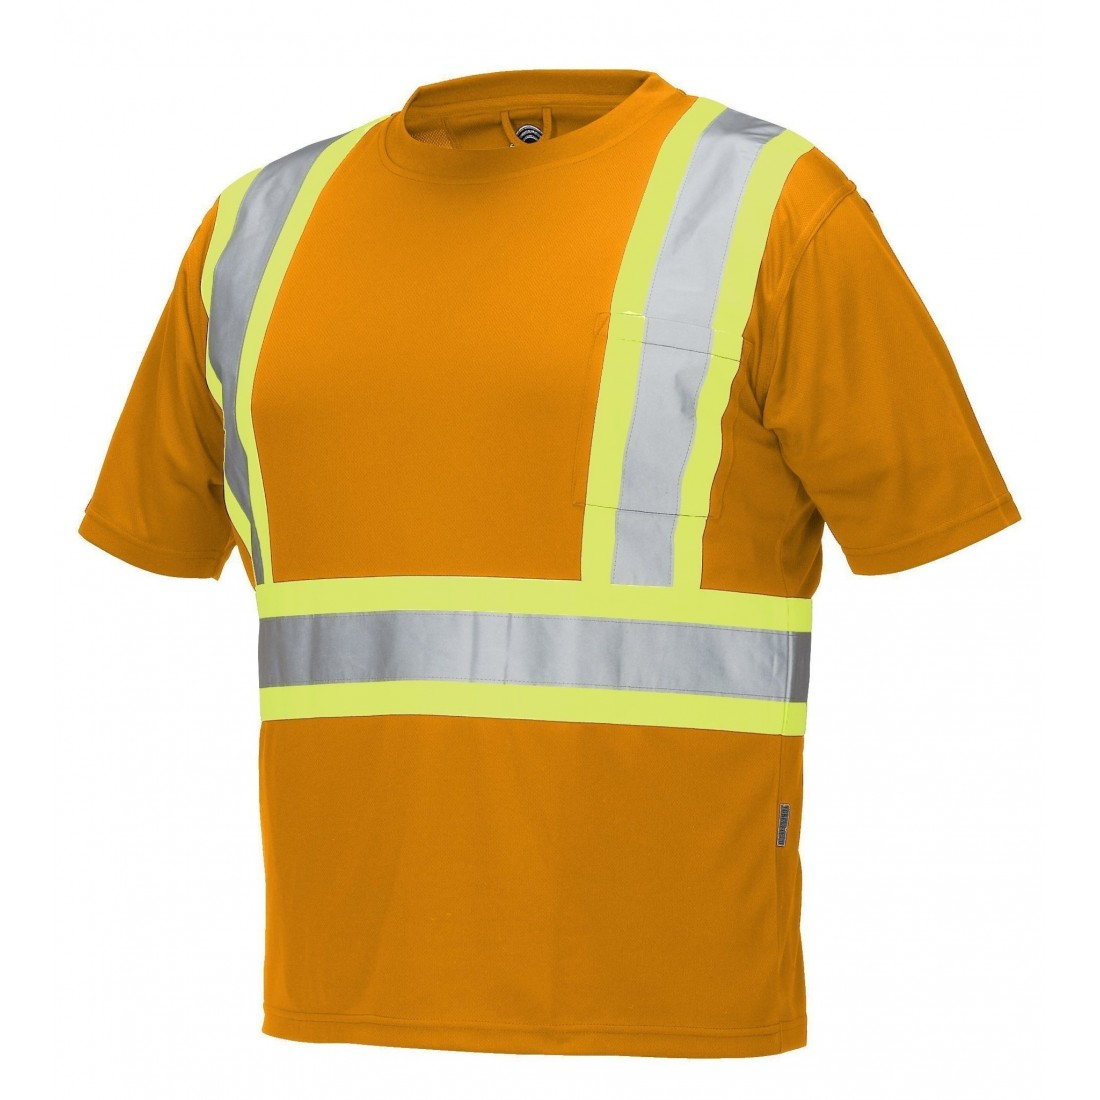 Hi-Viz Short Sleeve Shirt